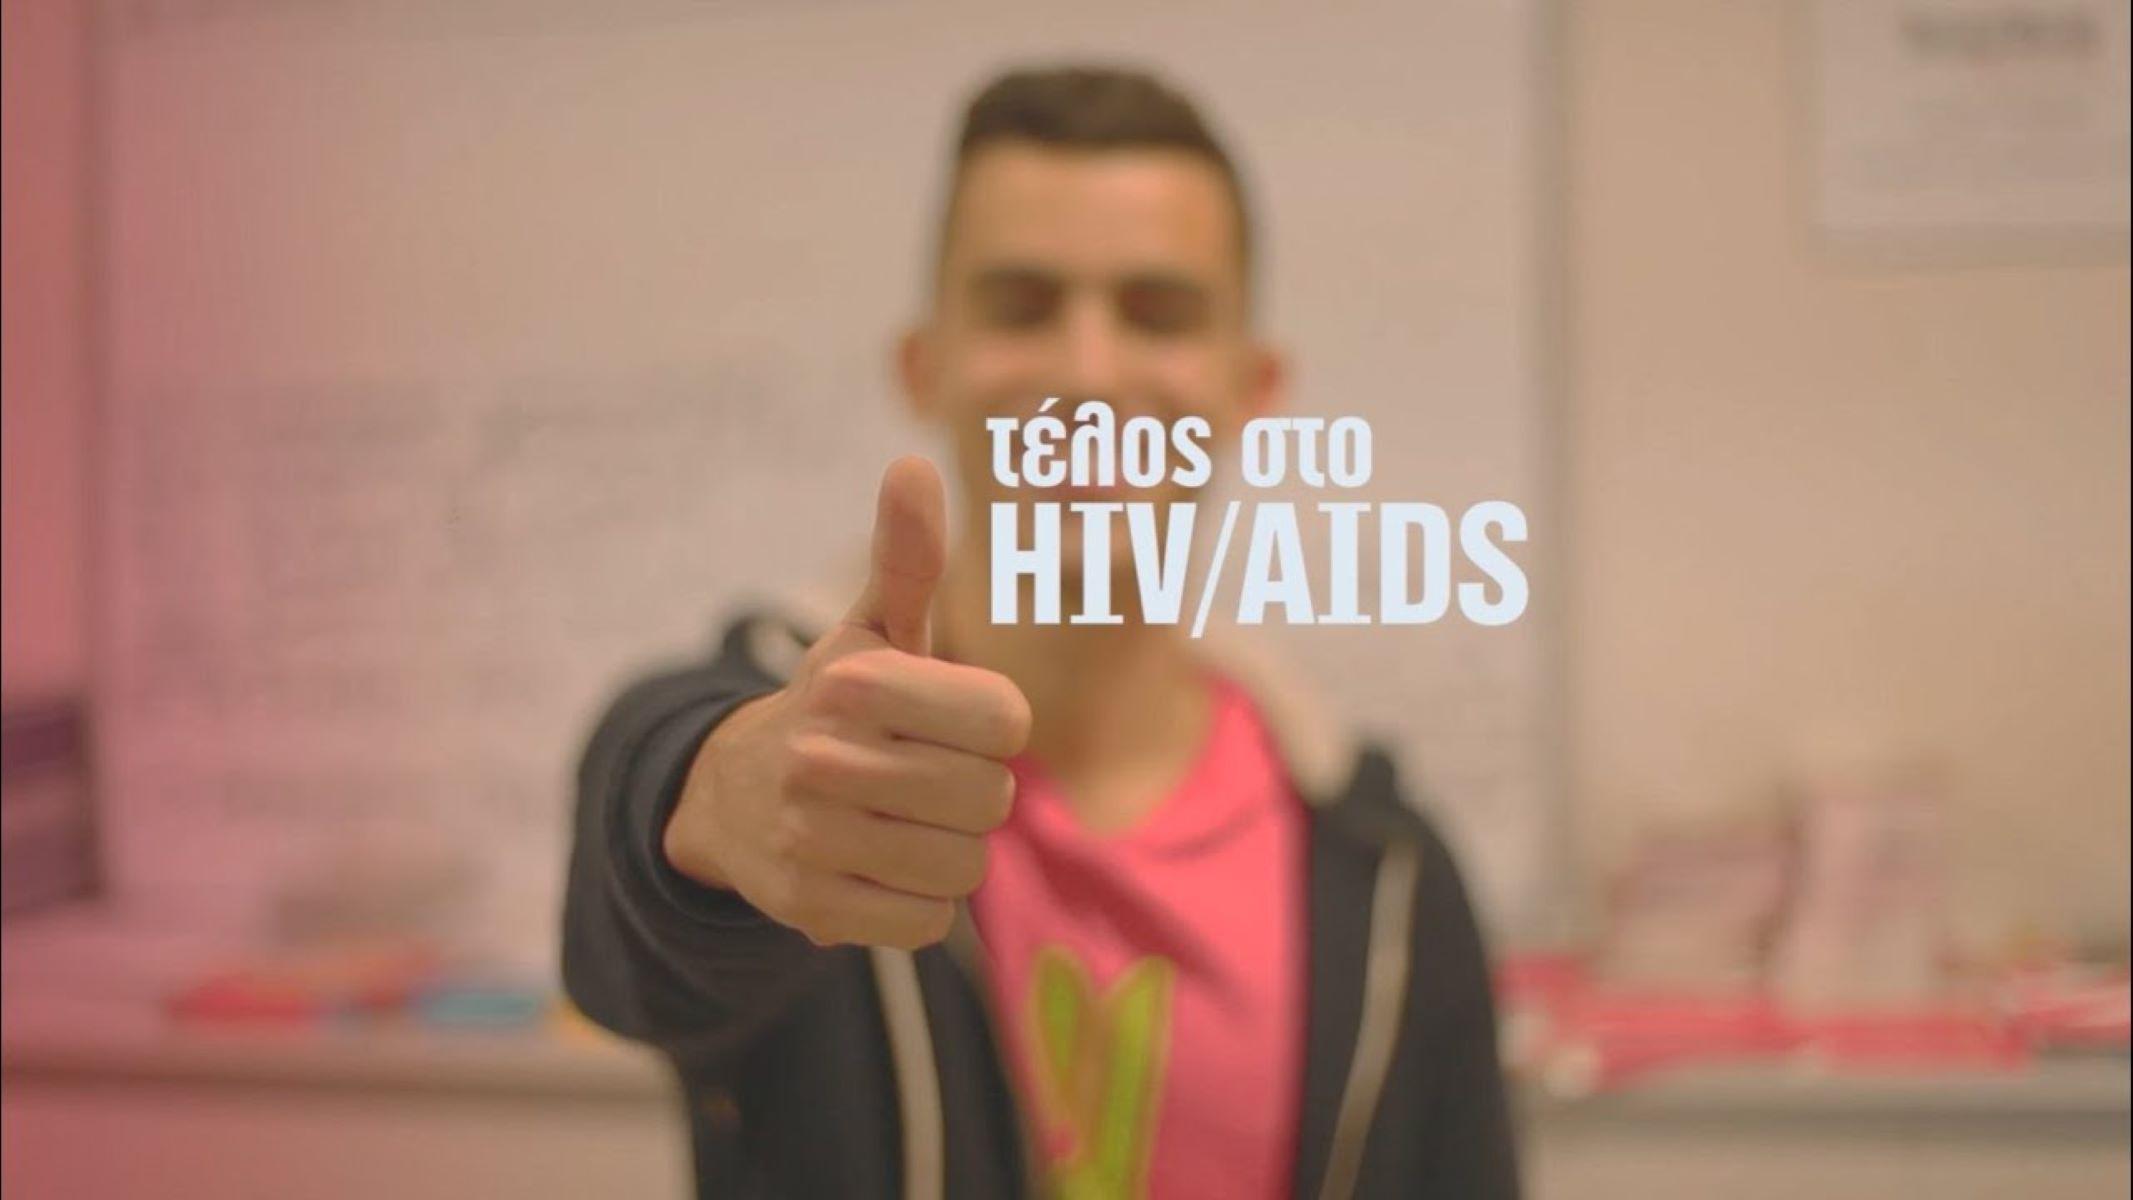 Κορωνοϊός- Εμβολιασμός: Οι ασθενείς με HIV μπορούν να κάνουν με ασφάλεια το εμβόλιο